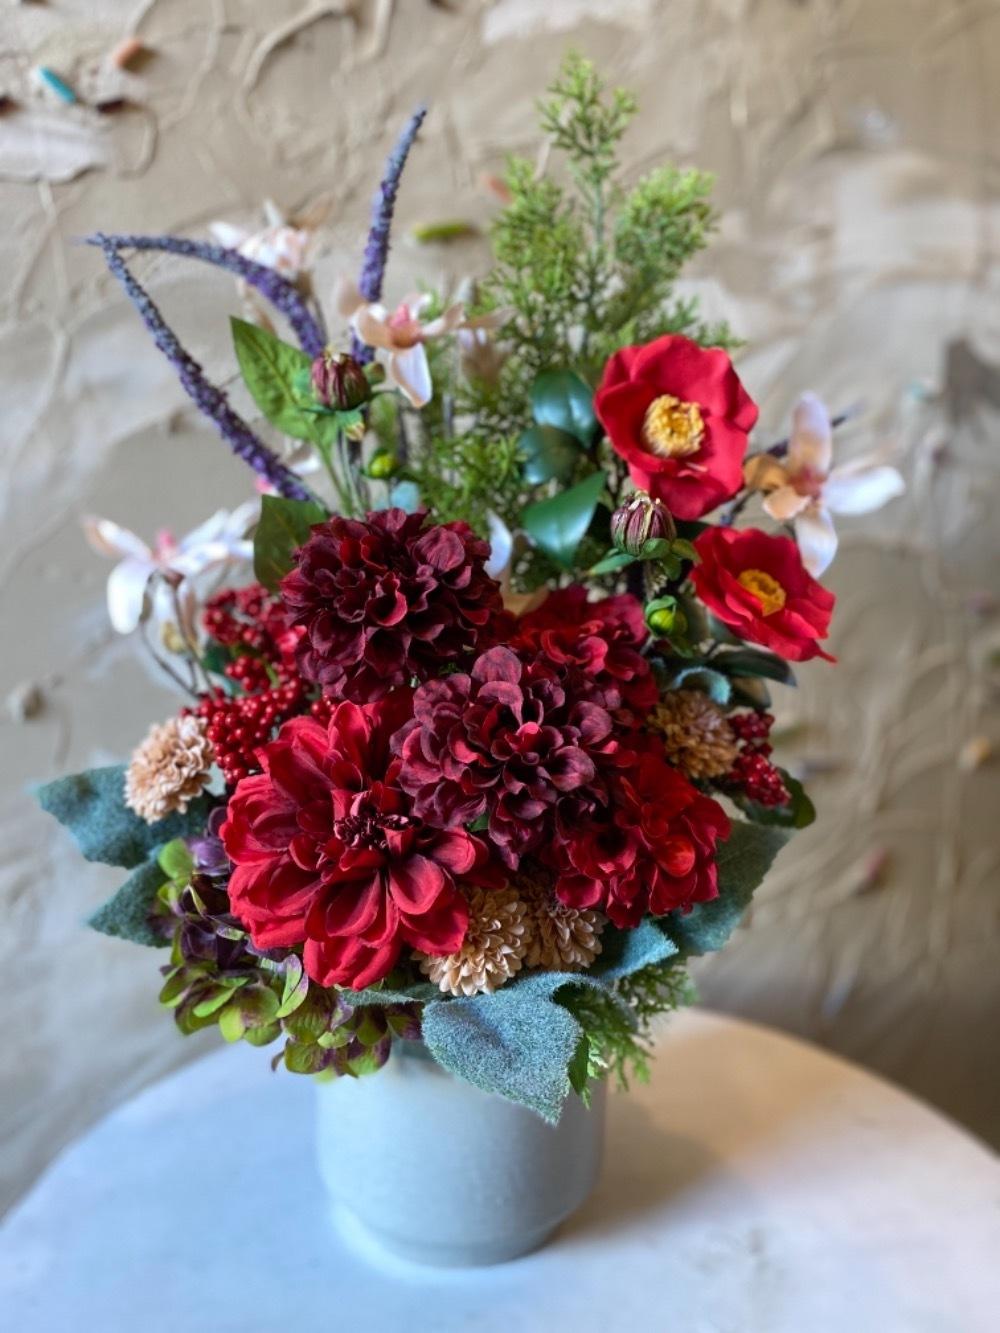 「このお花が目に映りいつも皆さまが和やかでありますように」造花の新築お祝い花